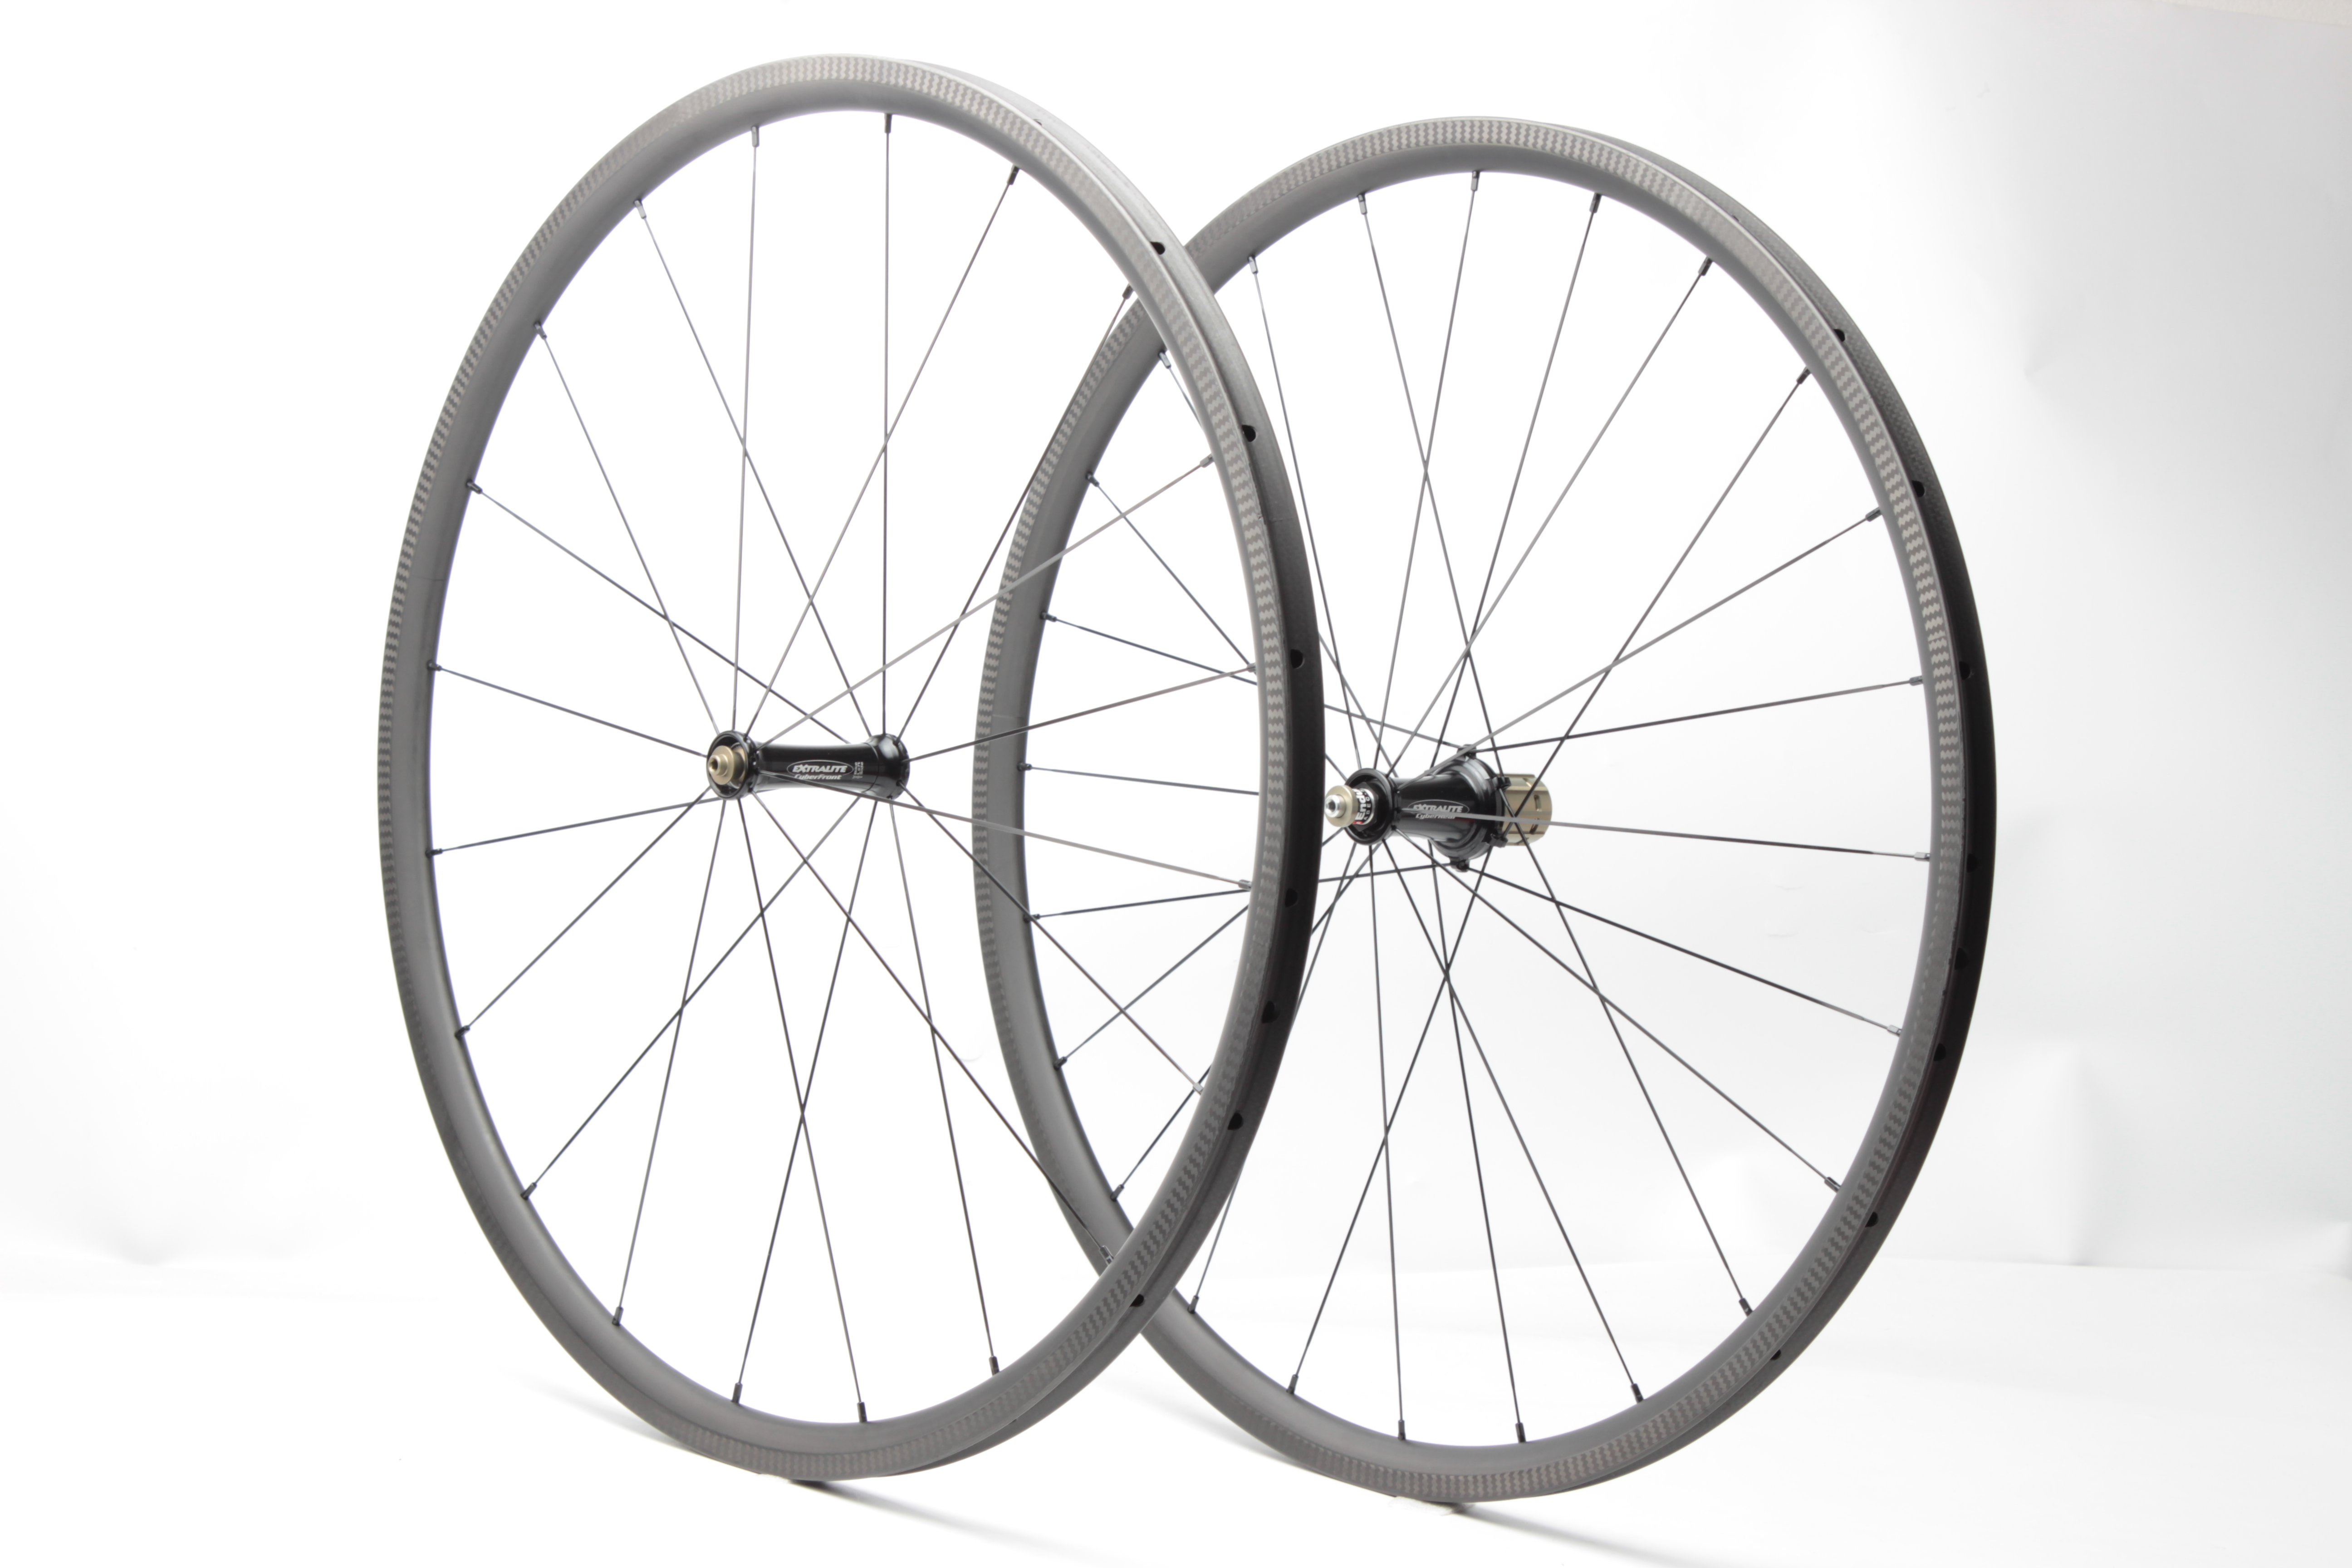 Far Sports 25mm Ultralite 810g tubular wheelset with Extralite hub+Sapim Super spoke!